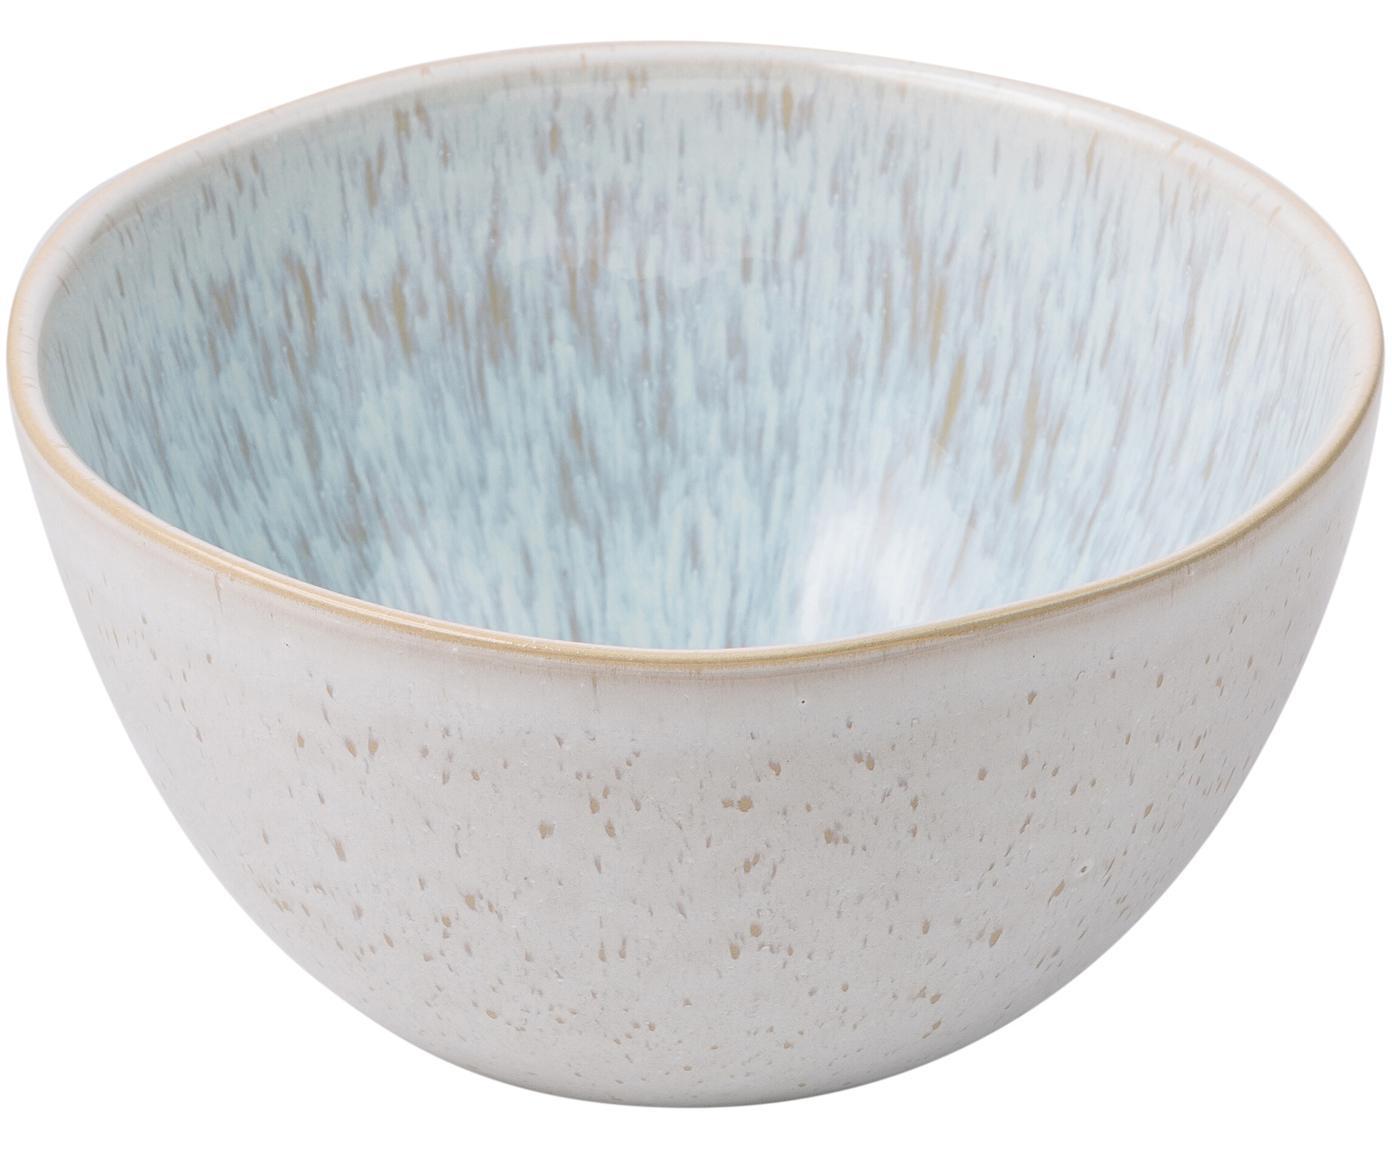 Handbemalte Schälchen Areia, 2 Stück, Steingut, Hellblau, Gebrochenes Weiss, Hellbeige, Ø 15 x H 8 cm